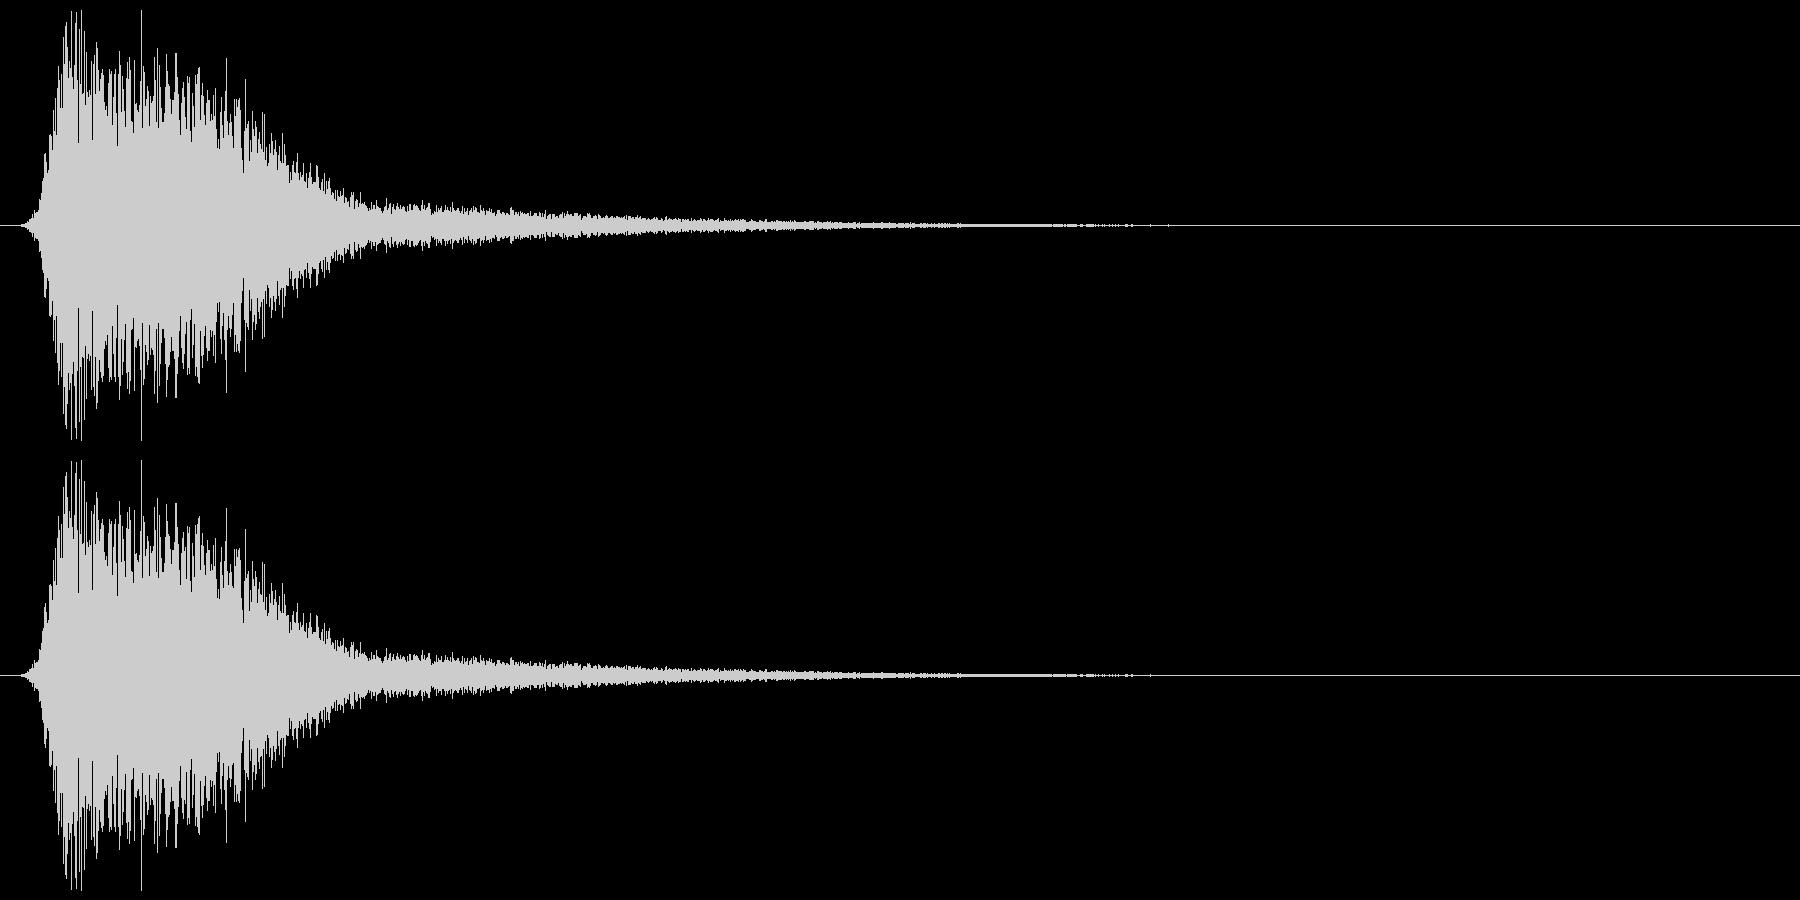 ミサイルの軌跡、キレの良いジェット音の未再生の波形